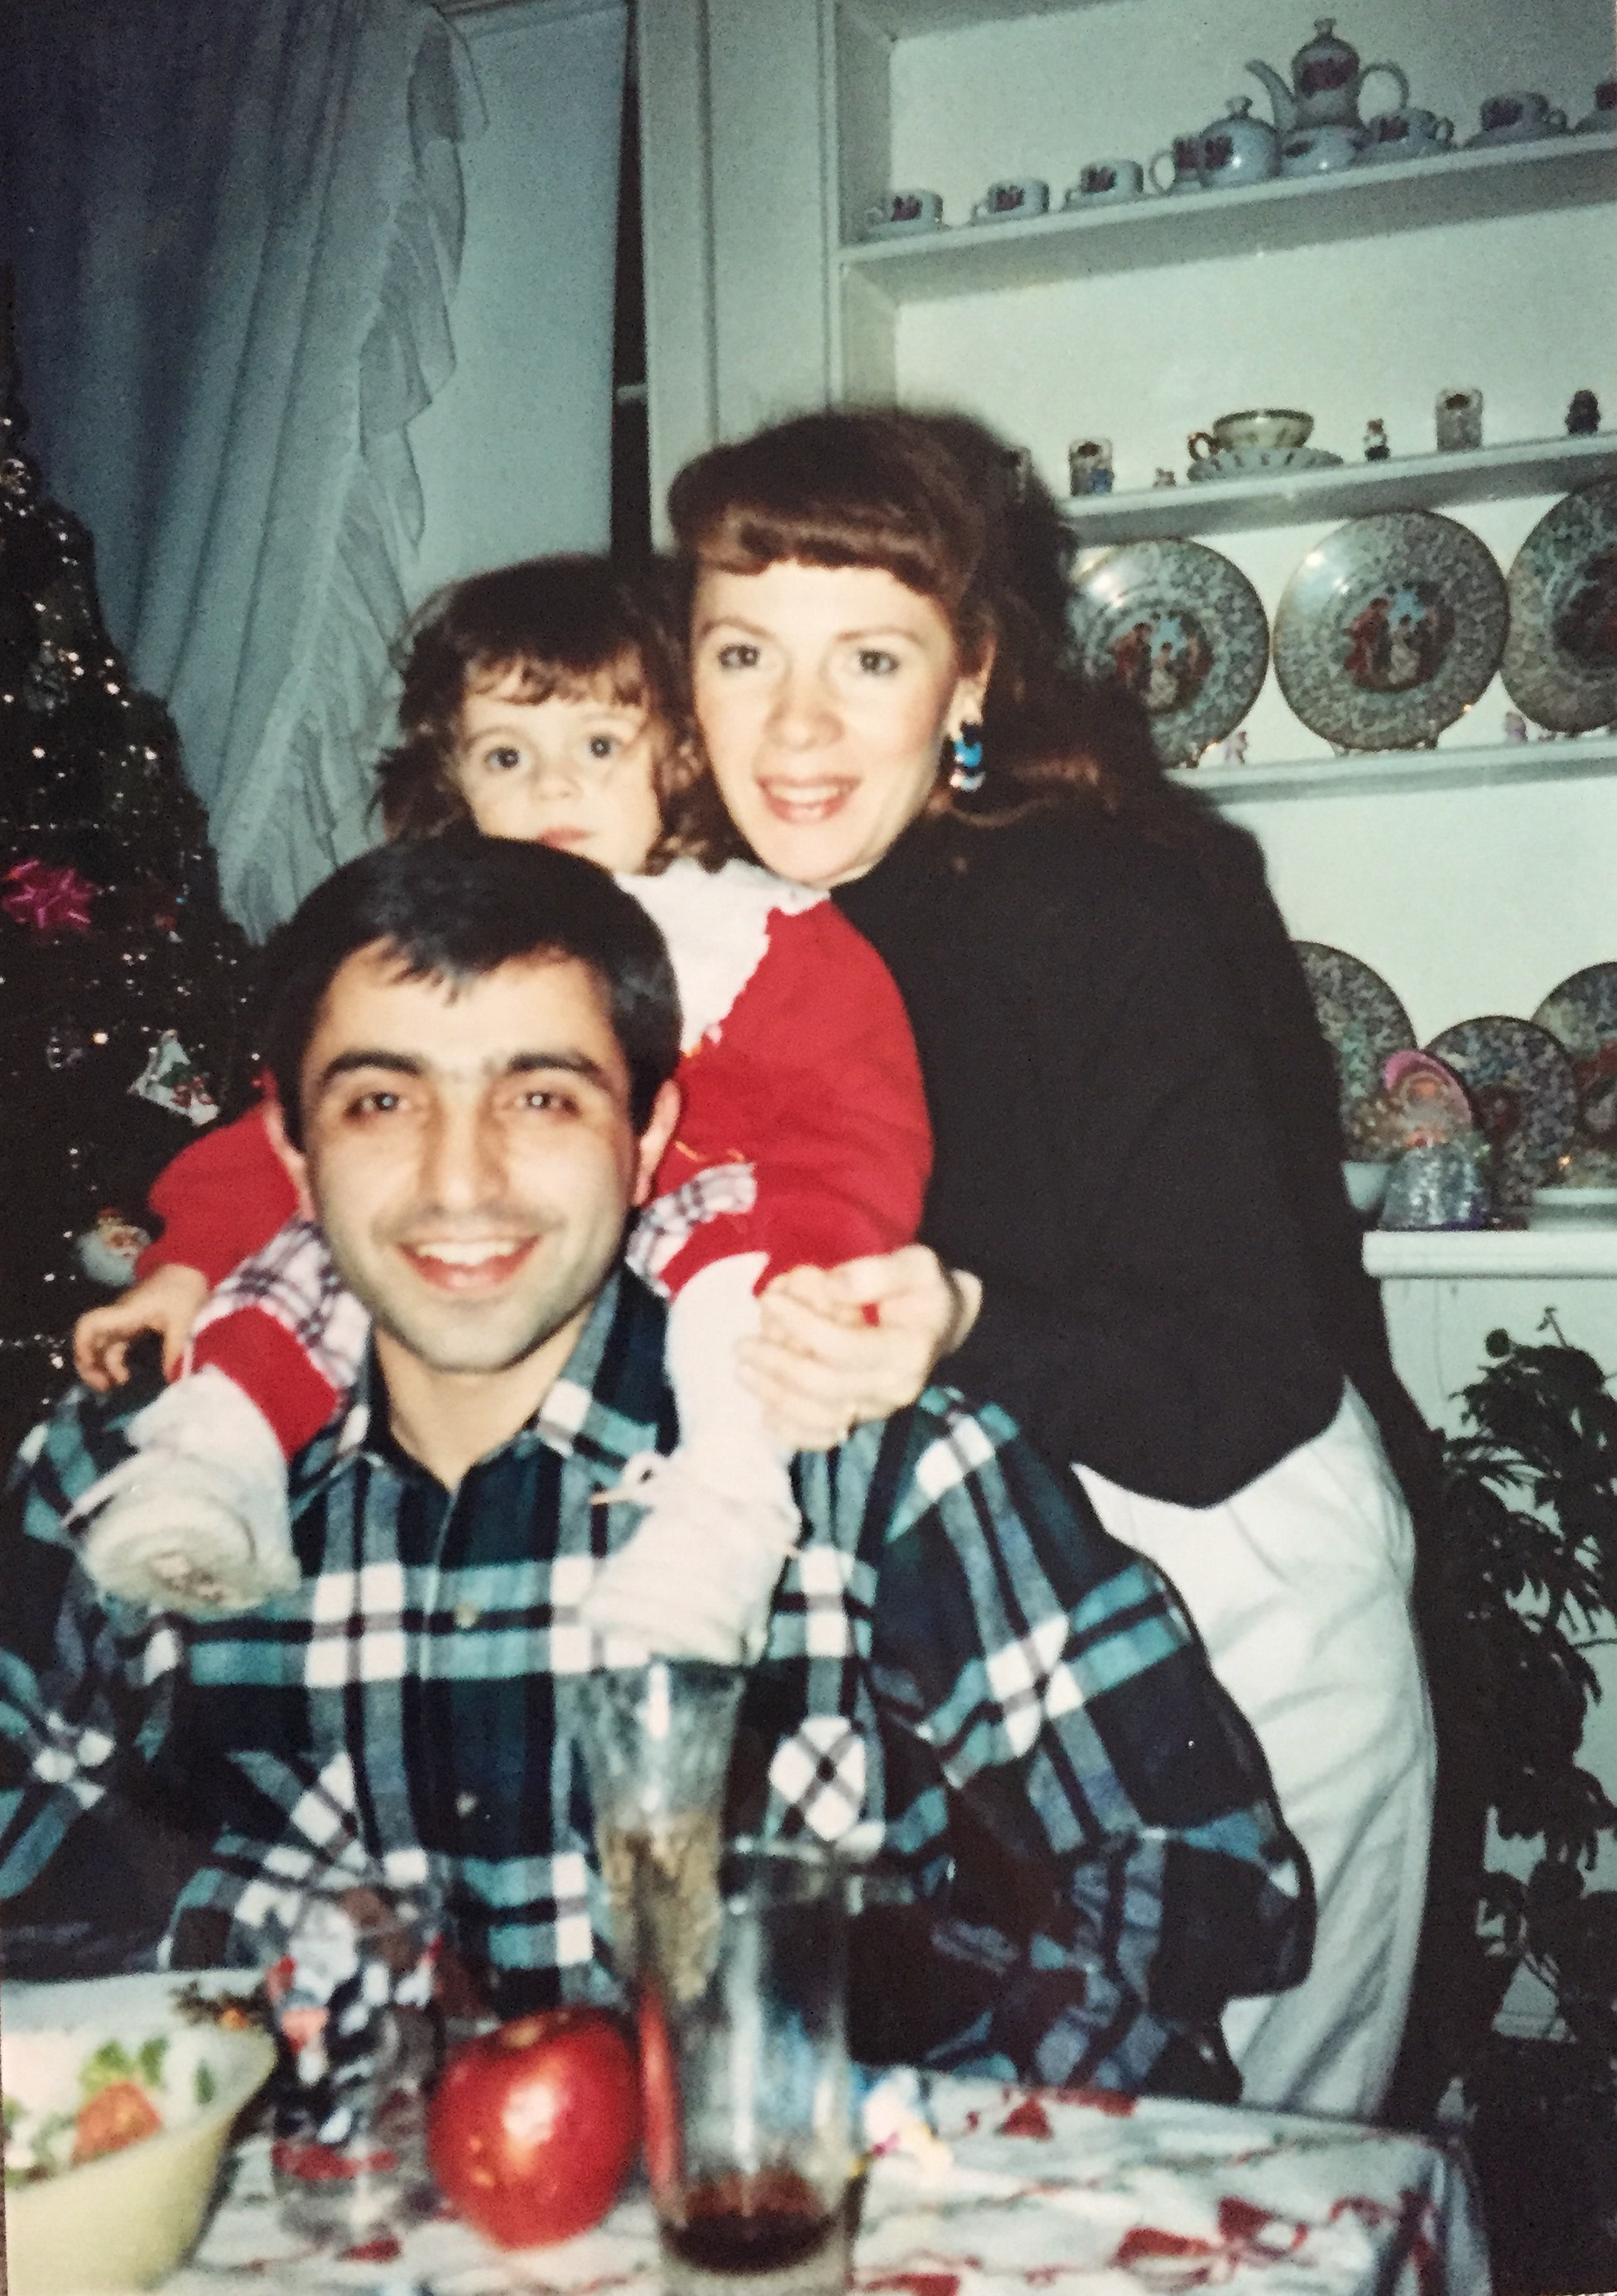 At the table circa 1993.